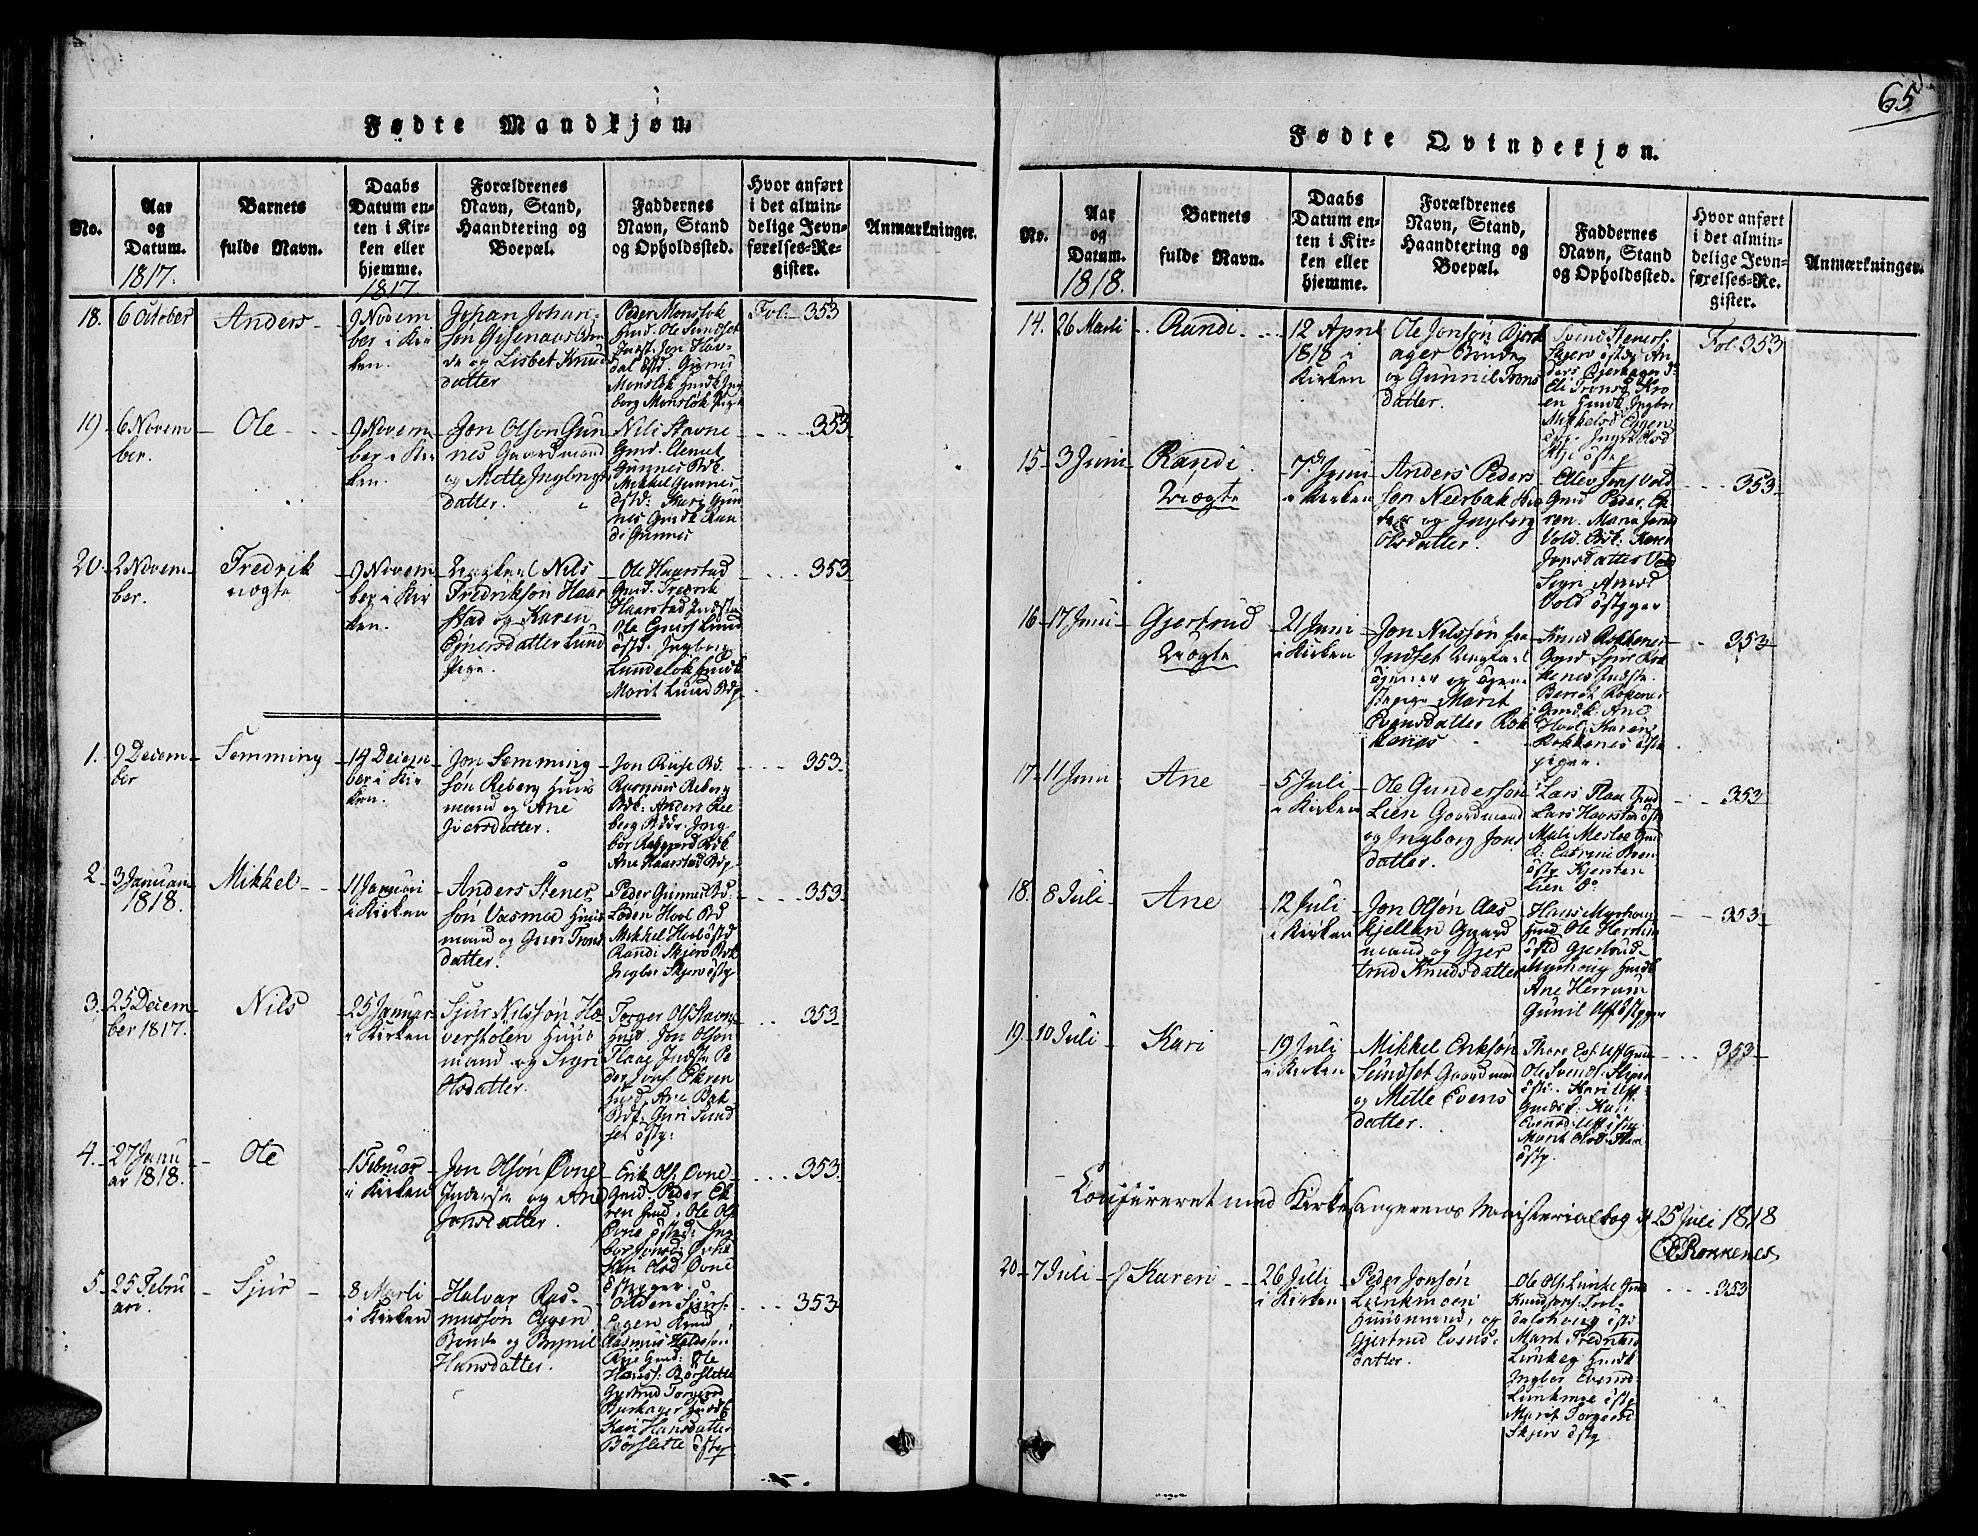 SAT, Ministerialprotokoller, klokkerbøker og fødselsregistre - Sør-Trøndelag, 672/L0854: Ministerialbok nr. 672A06 /2, 1816-1829, s. 65